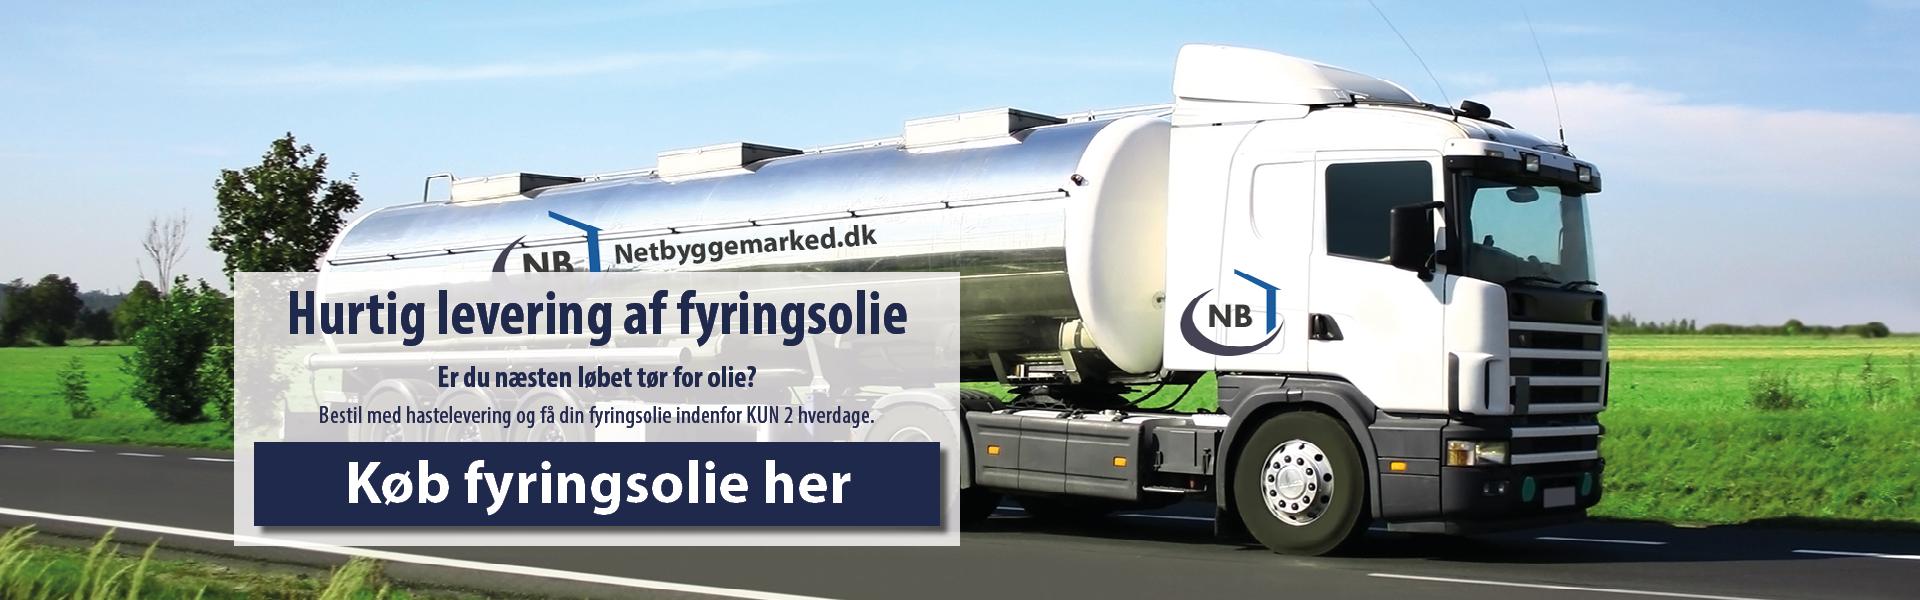 Fyringsolie_Netbyggemarked